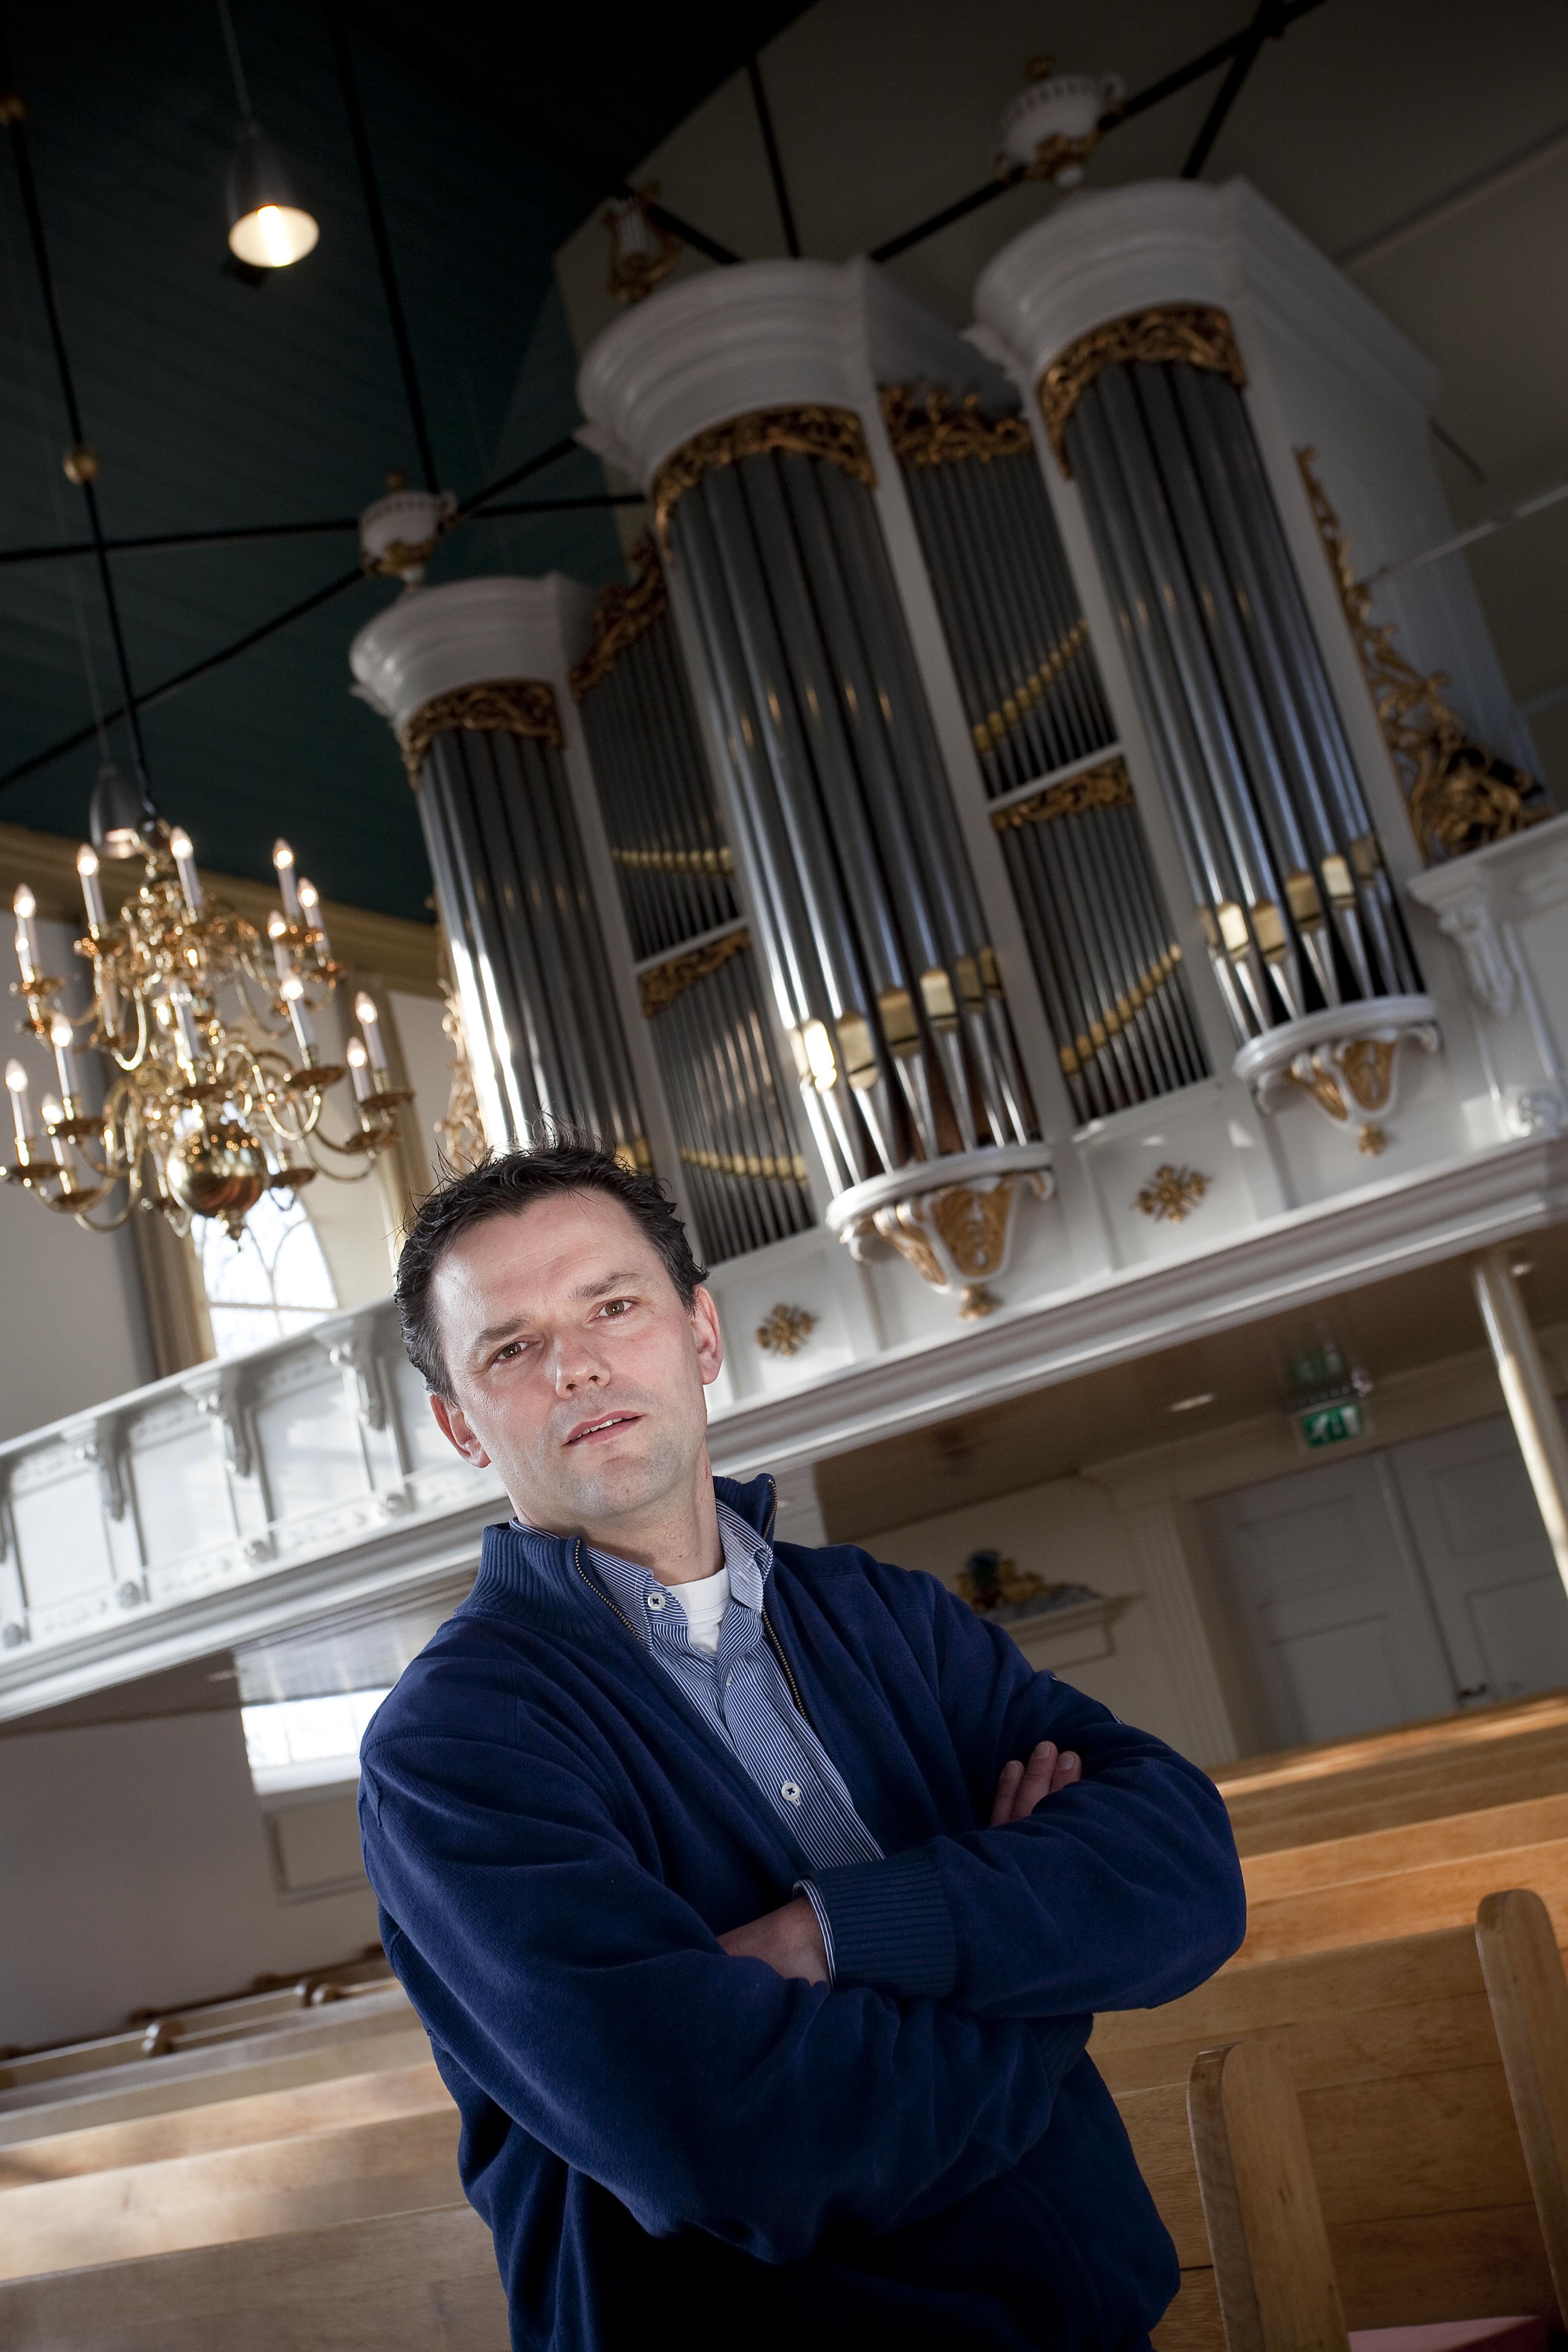 Orgelconcert André van Vliet  in NH kerk Venhuizen